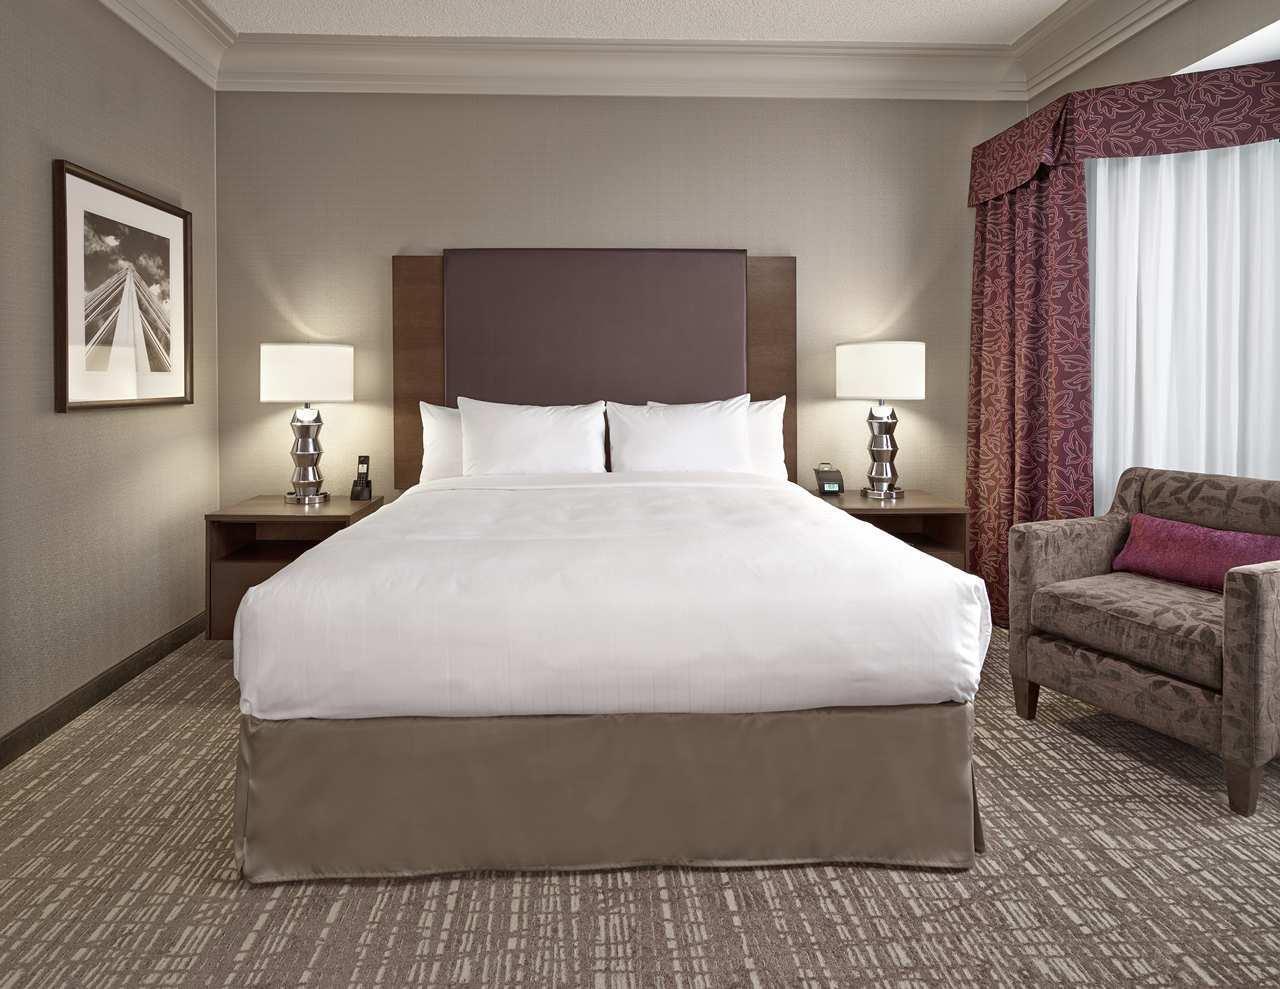 DoubleTree by Hilton Hotel West Edmonton in Edmonton: King Hospitality Bedroom